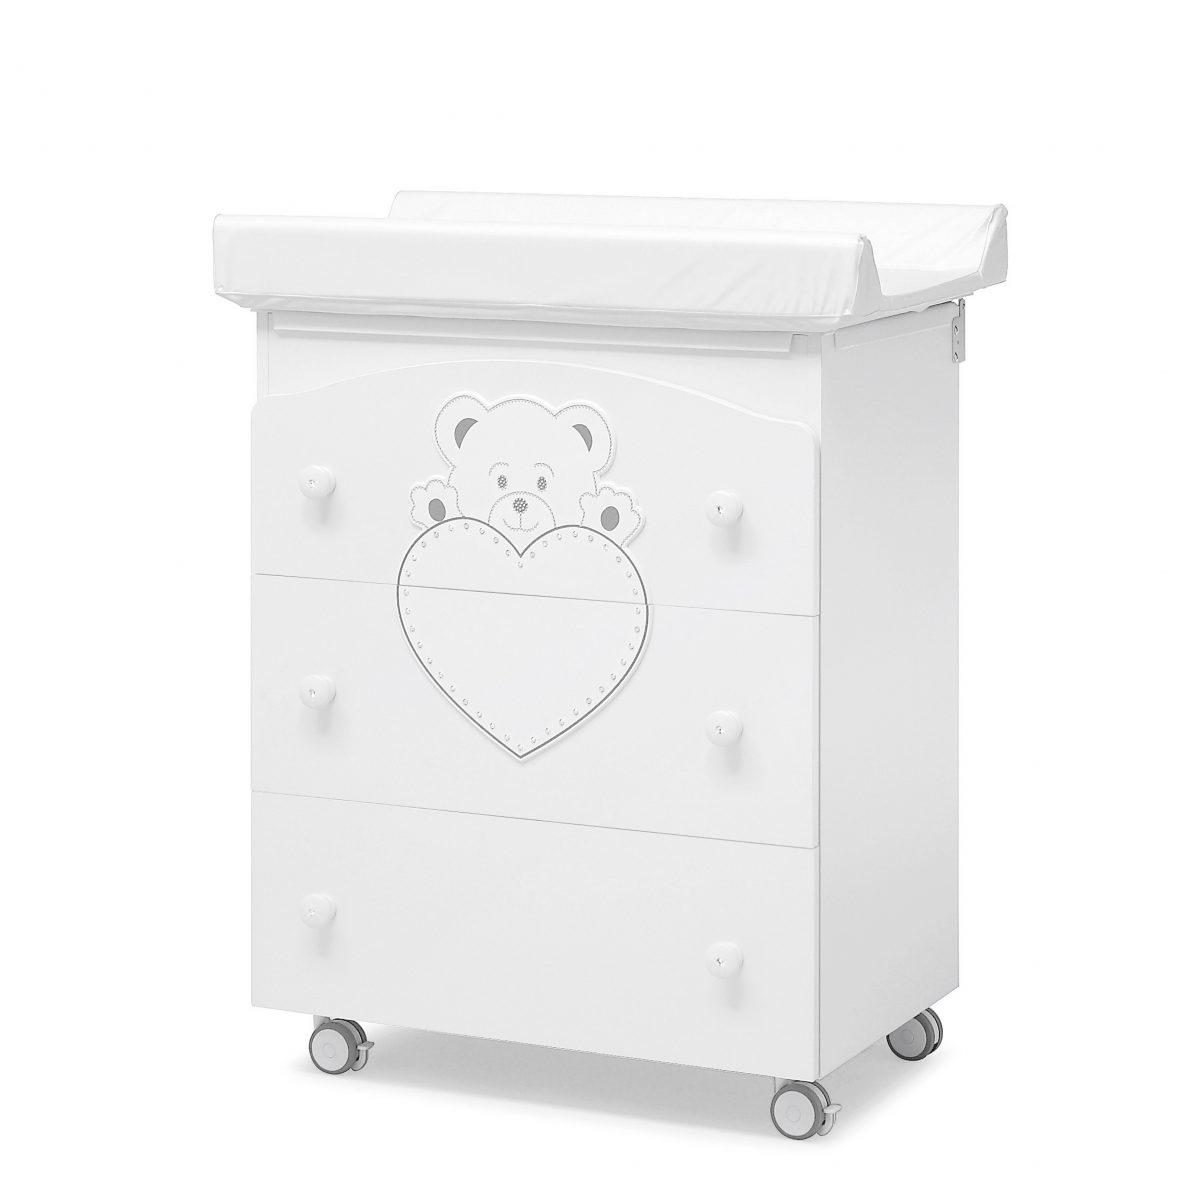 luxusní dětský nábytek - přebalovací pult Lulu se Swarovski elementy